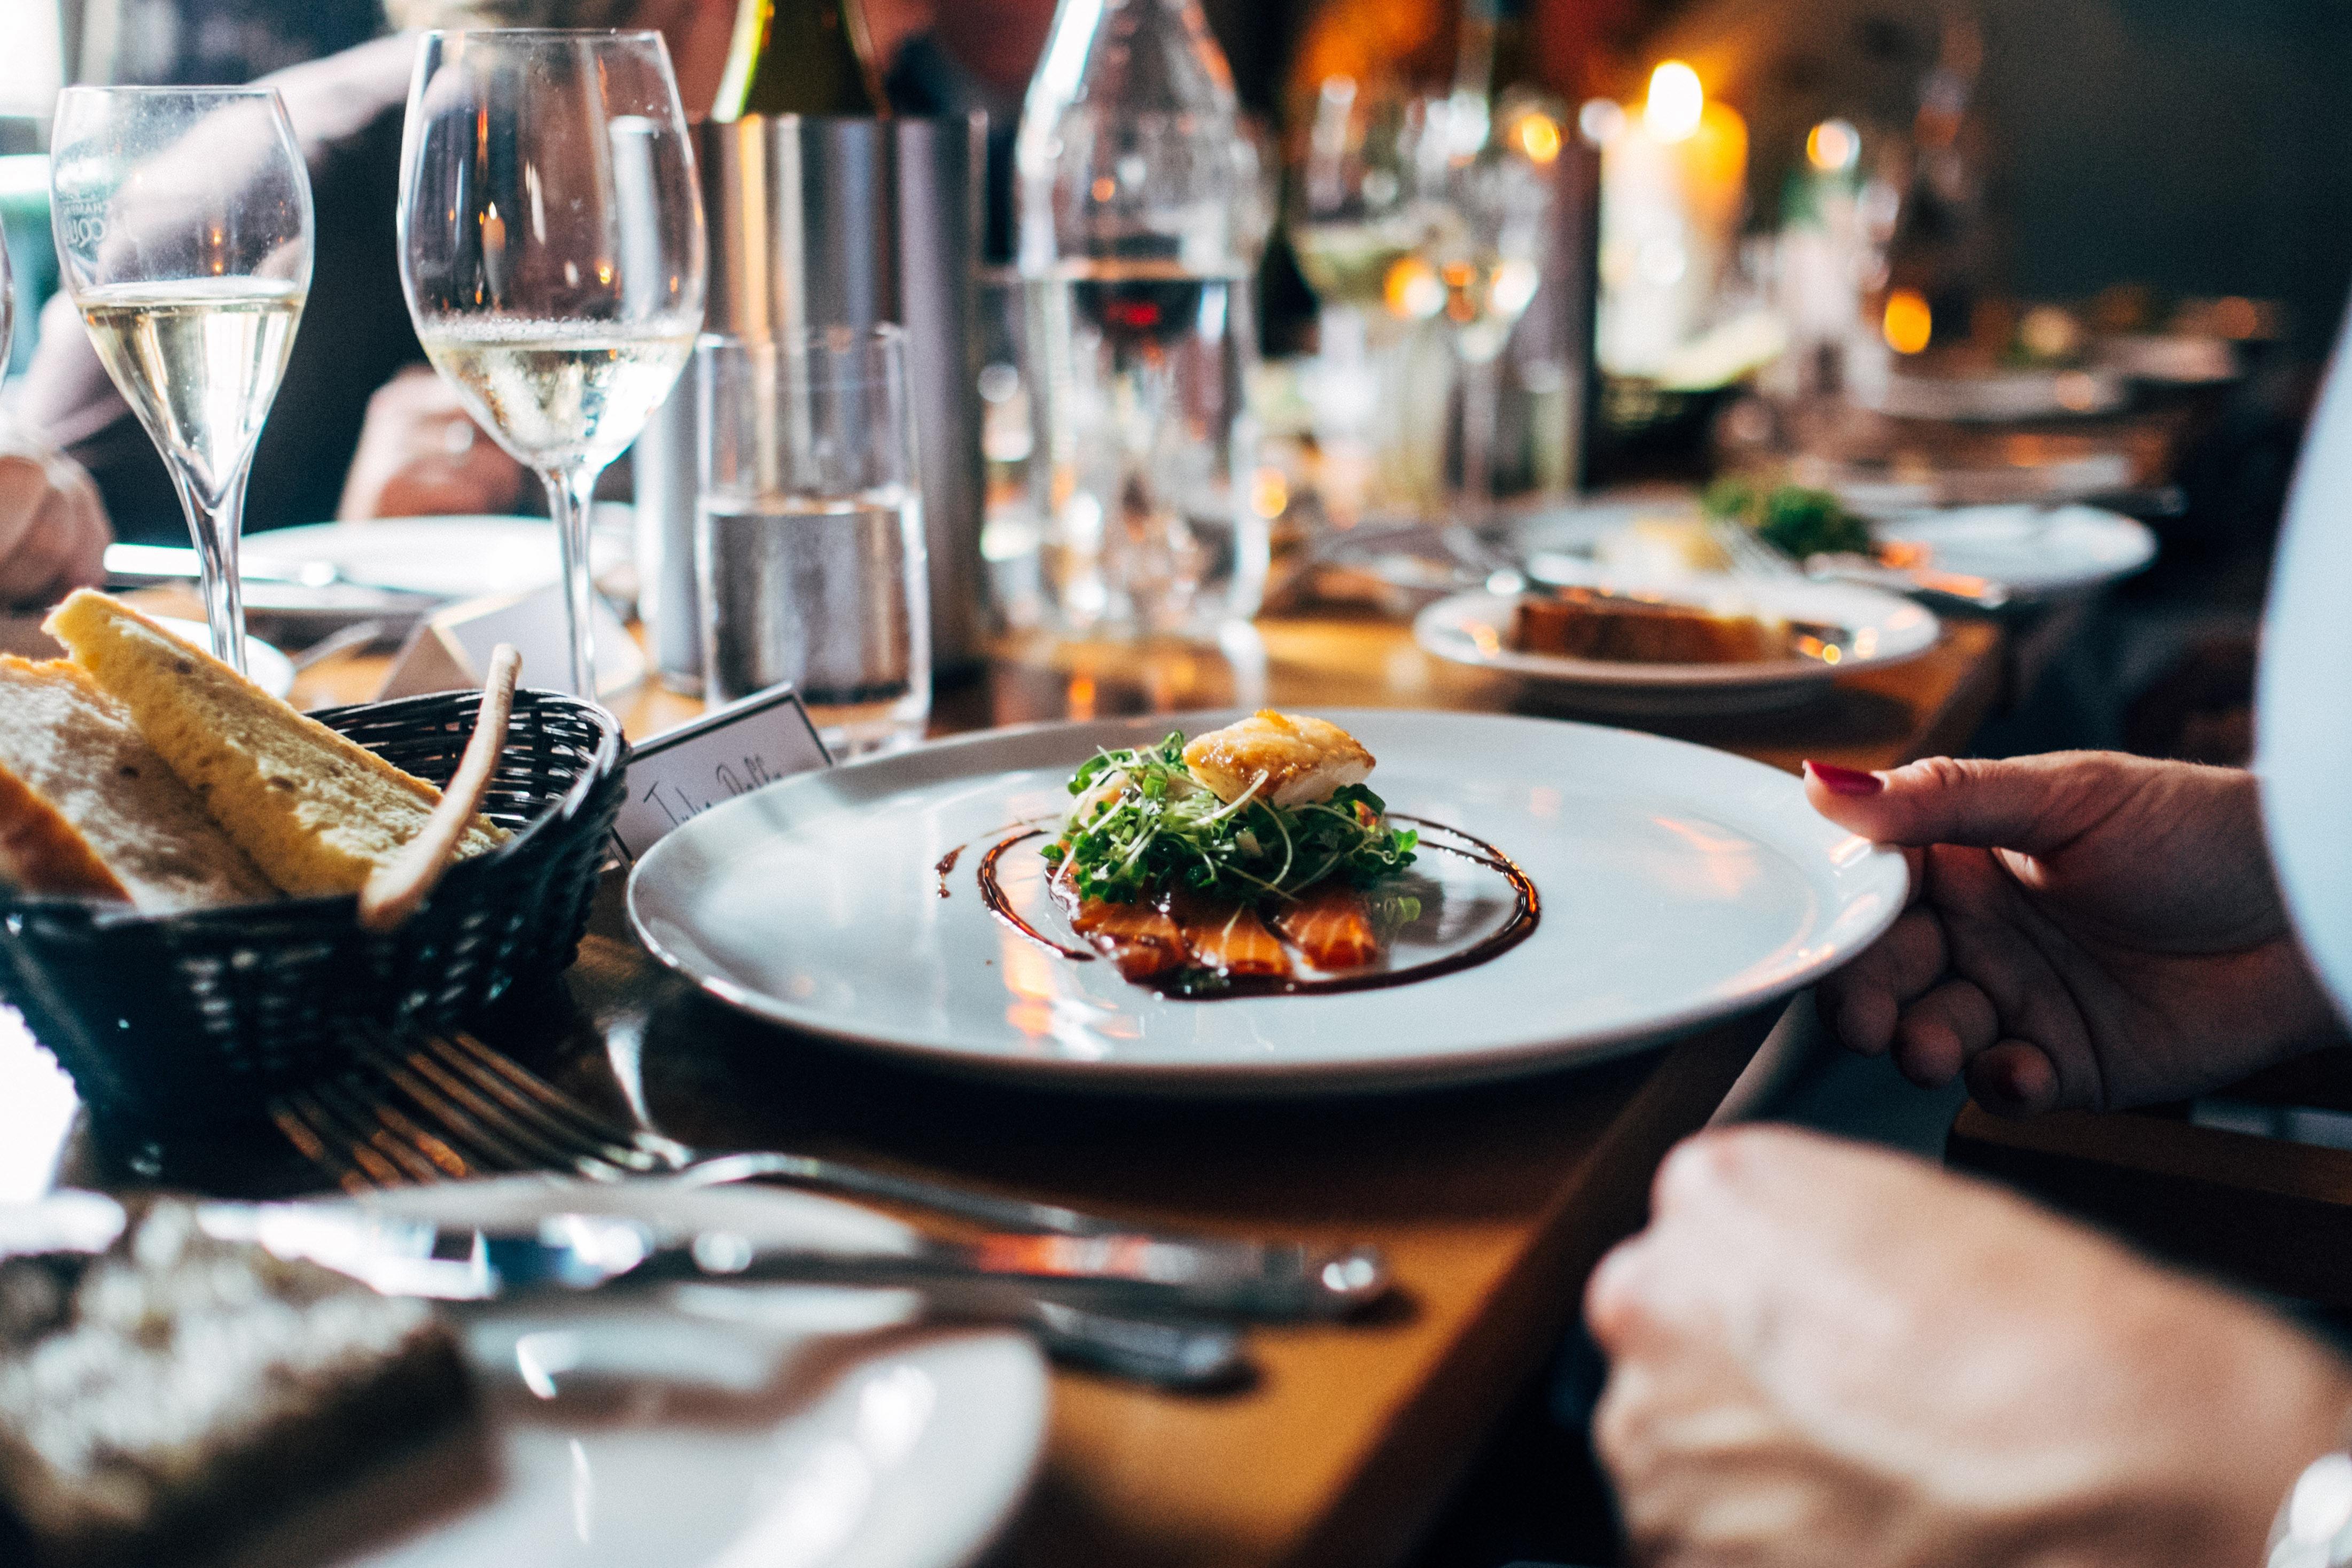 déguster un repas dans un bon restaurant à Paris